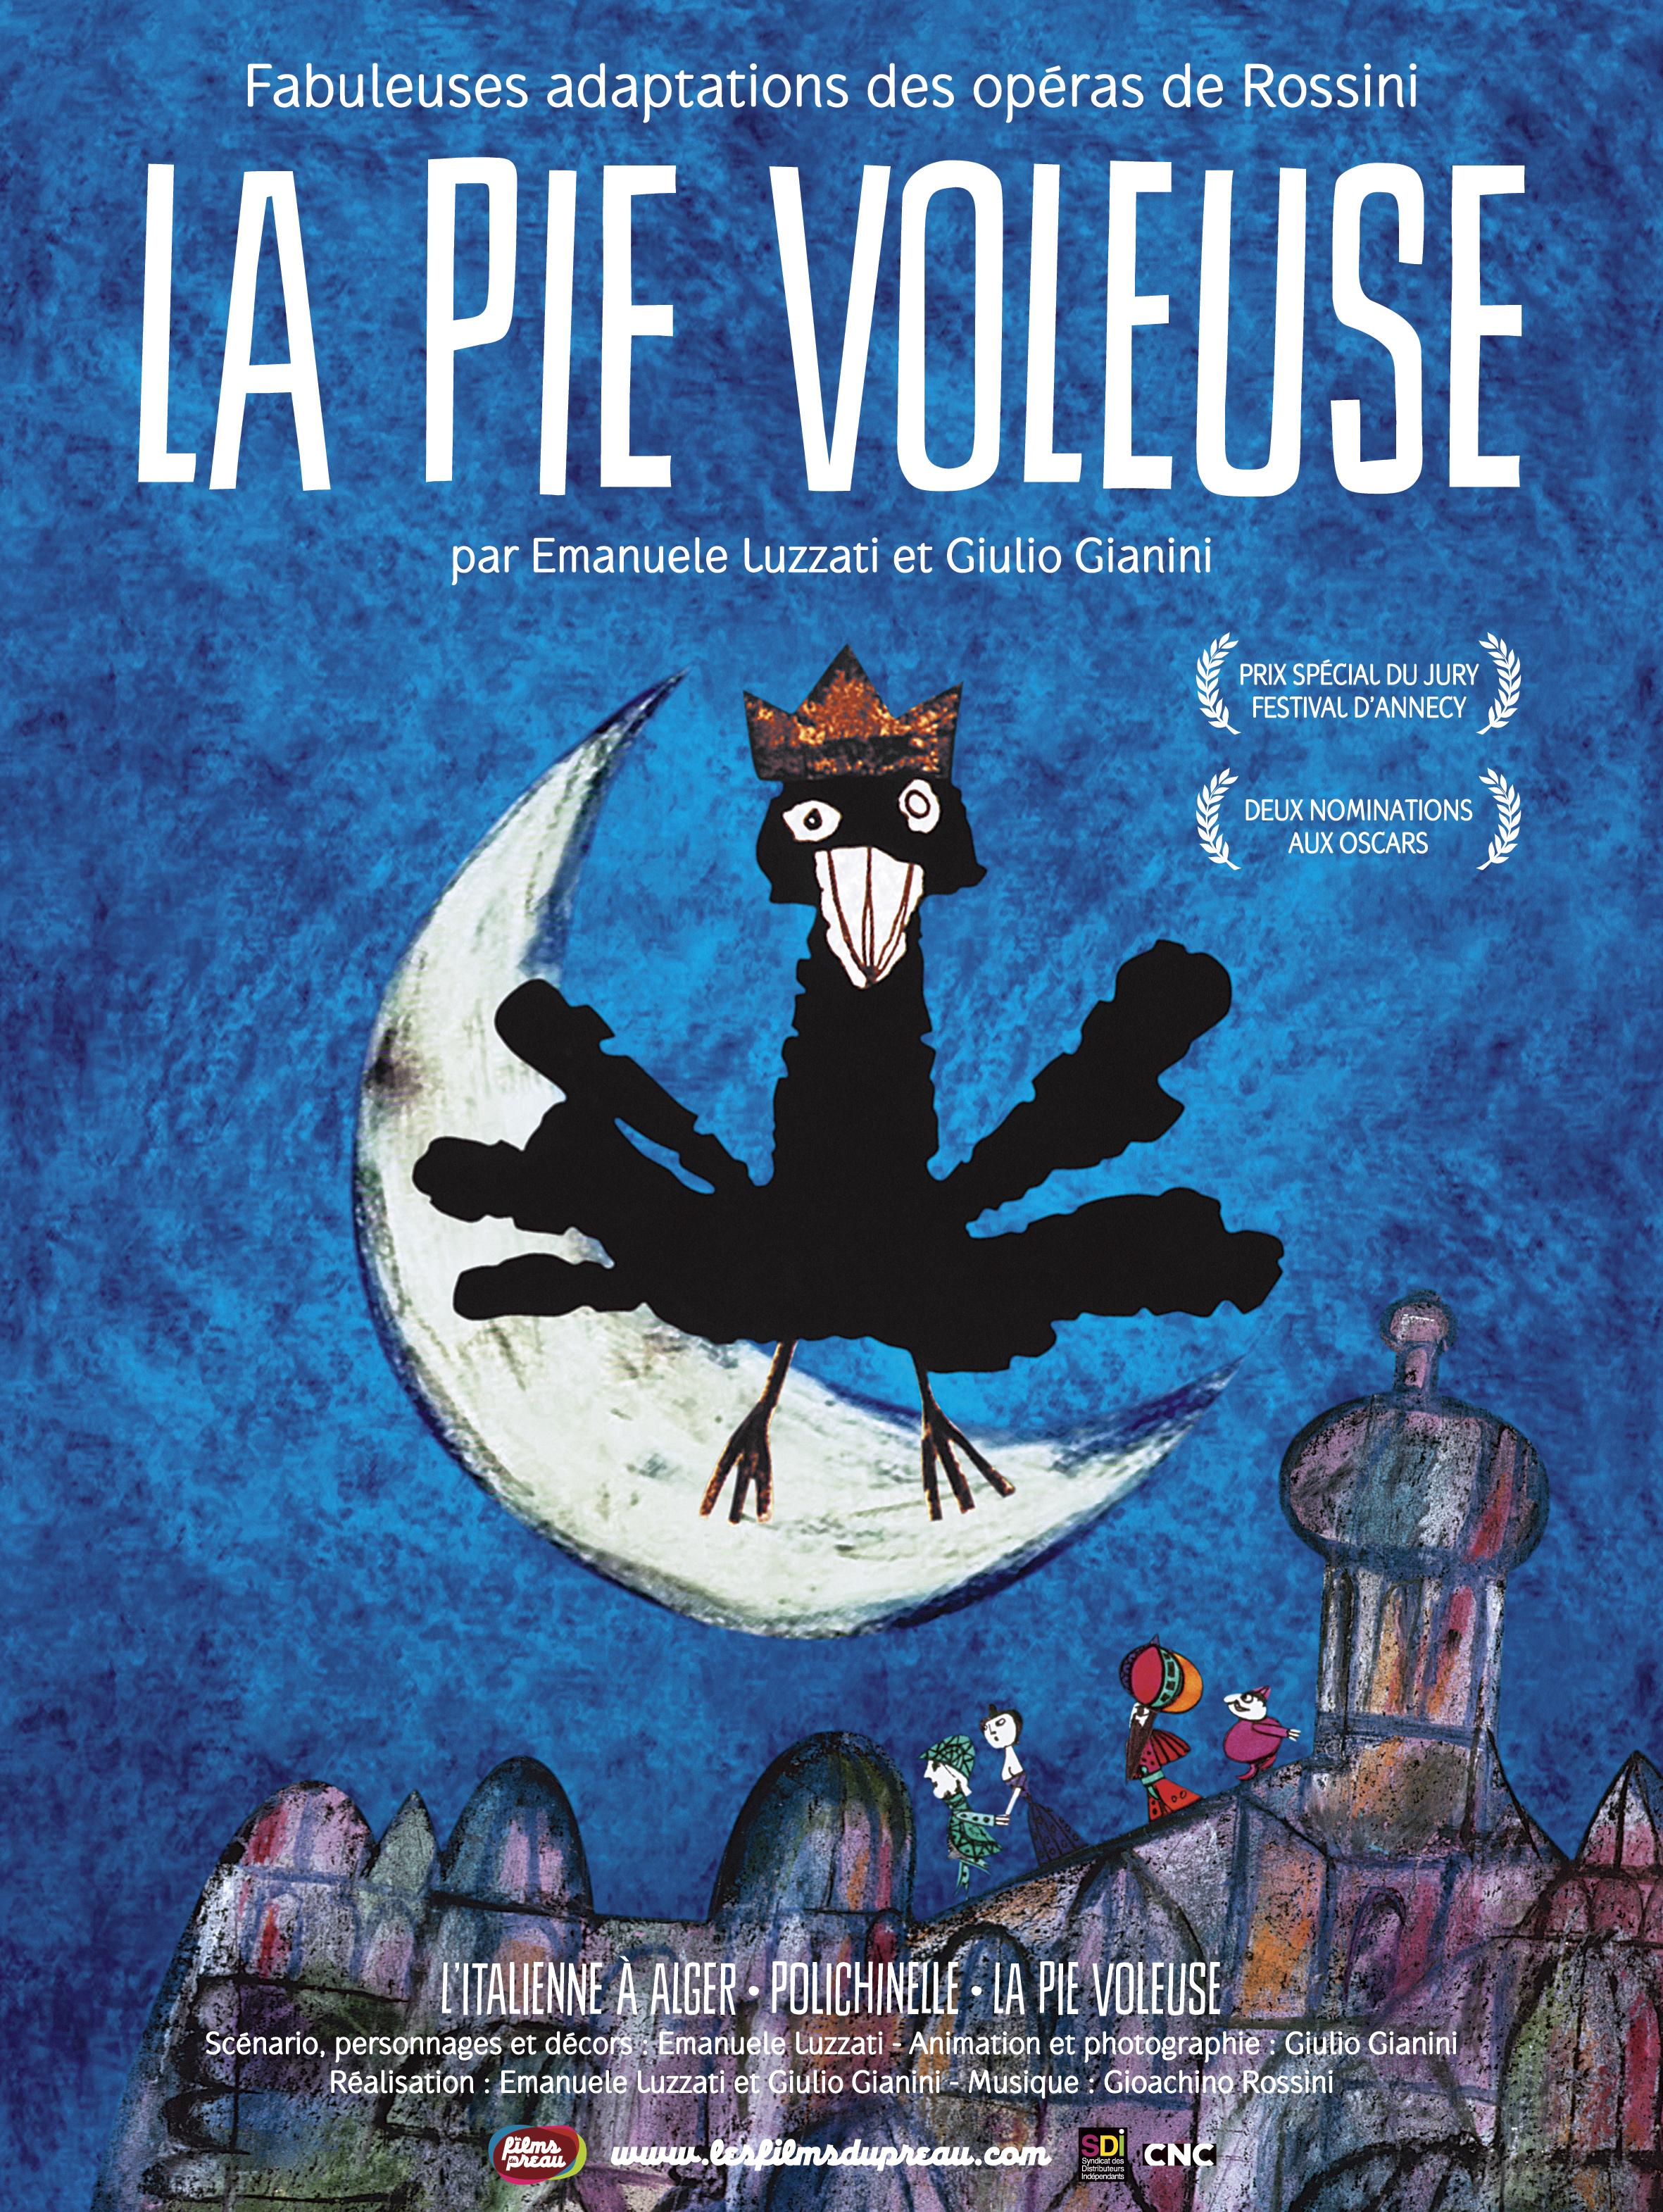 Affiche du film La pie voleuse de Emanuele Luzzati et Giulio Gianini, 1964/1973, Les Films du Préau, 2014, Cliquer sur la photo pour une vue agrandie et les références